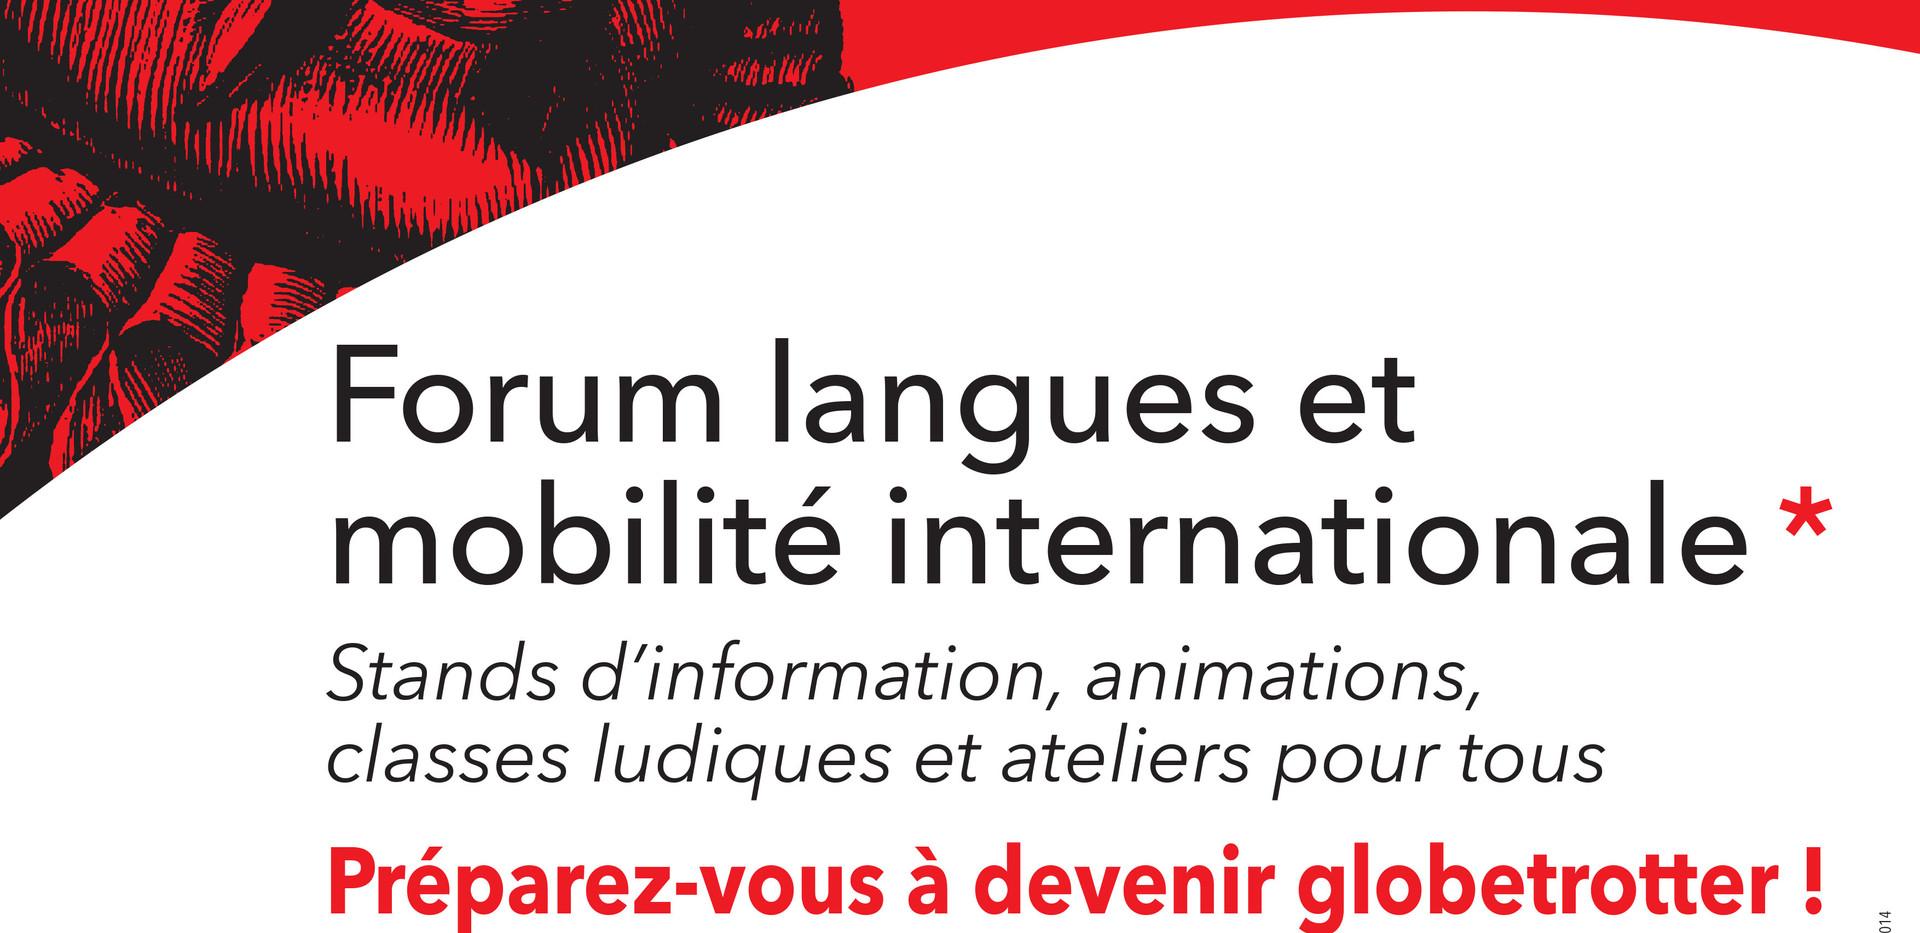 Participation au Forum langues et mobilité internationale